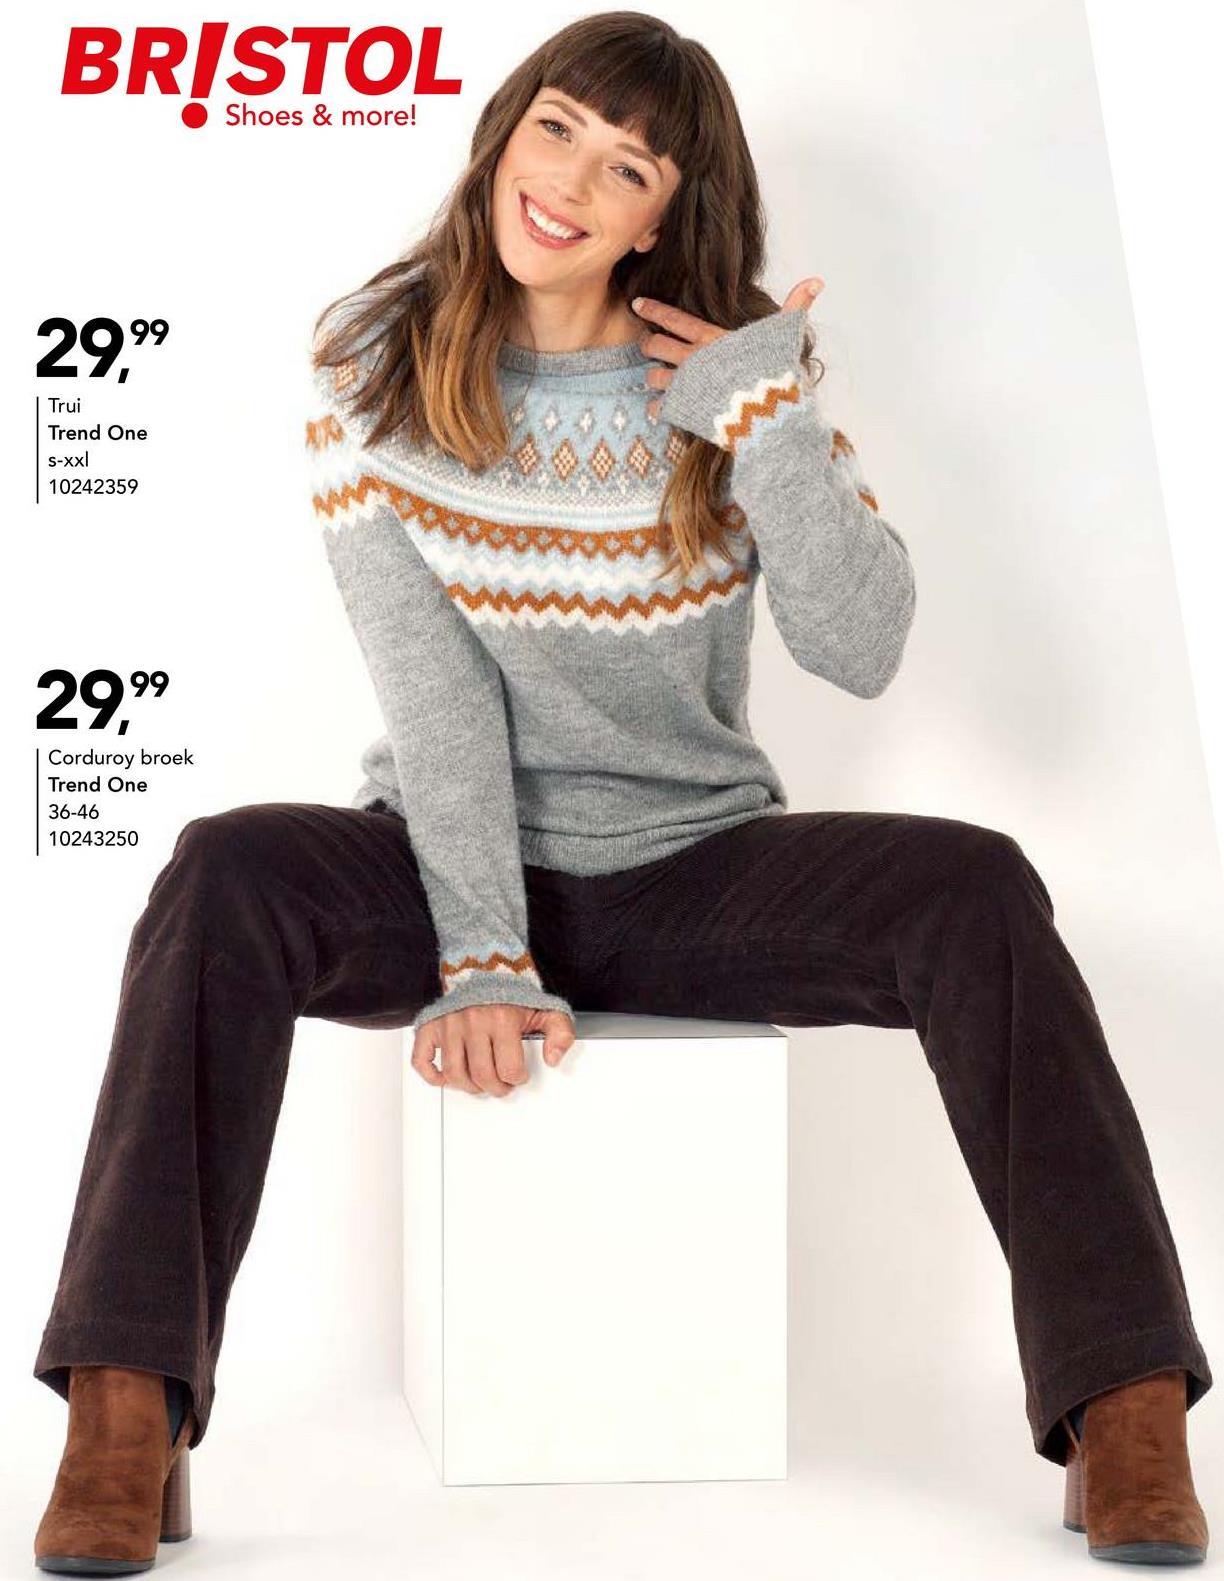 Trui Trend One - Grijs gemêleerd Trendy trui met ronde hals en leuke details van het merk Trend One voor vrouwen.